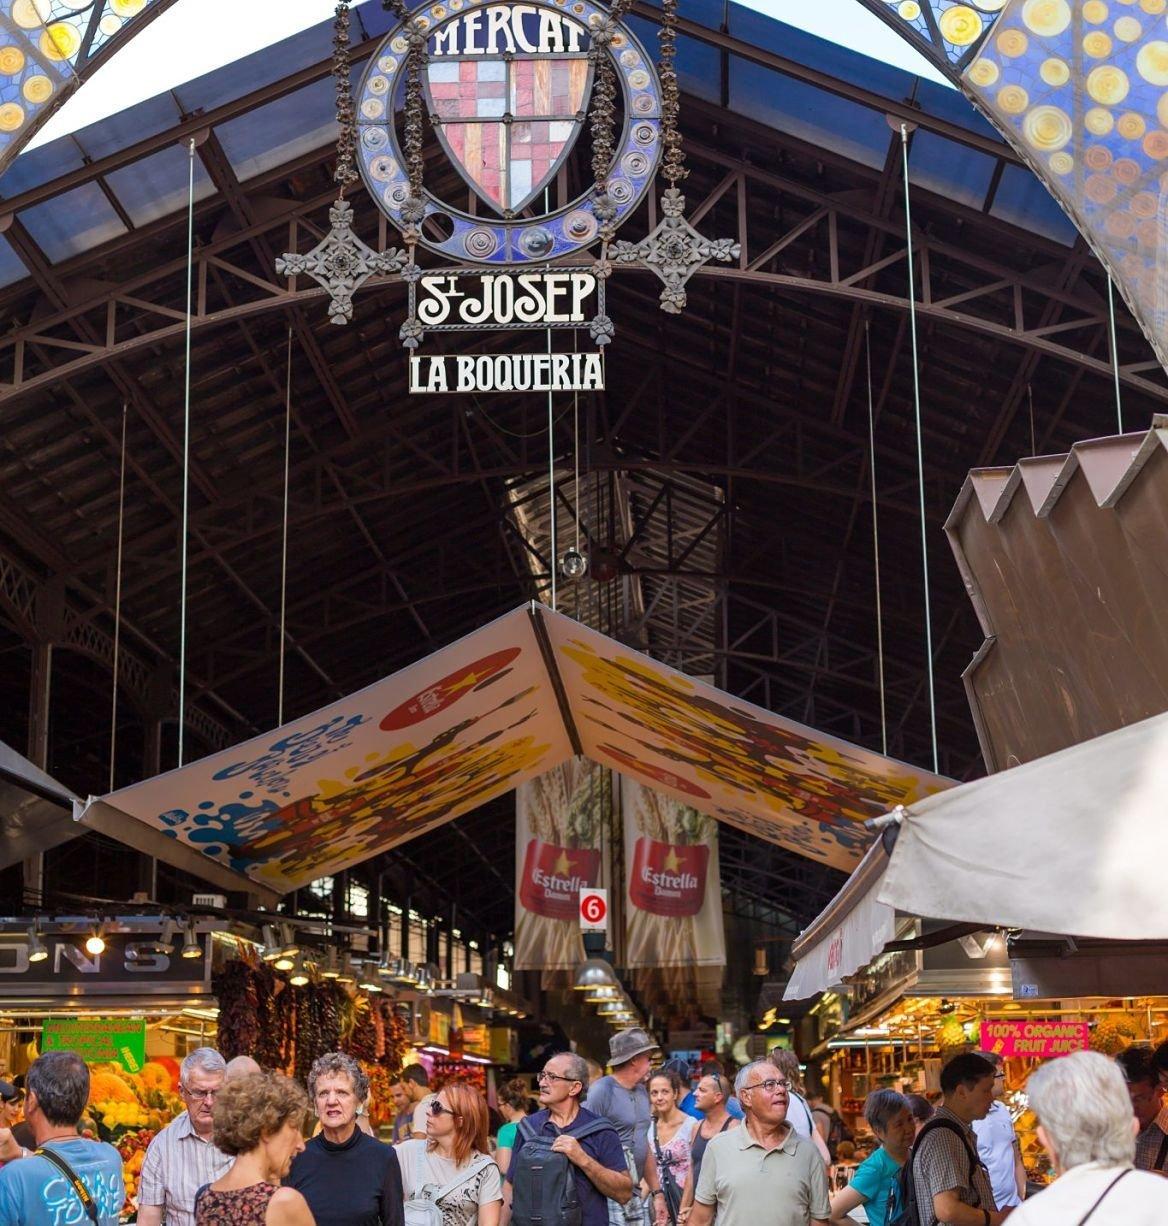 Marché Mercat de la Boqueria, Barcelone, Espagne